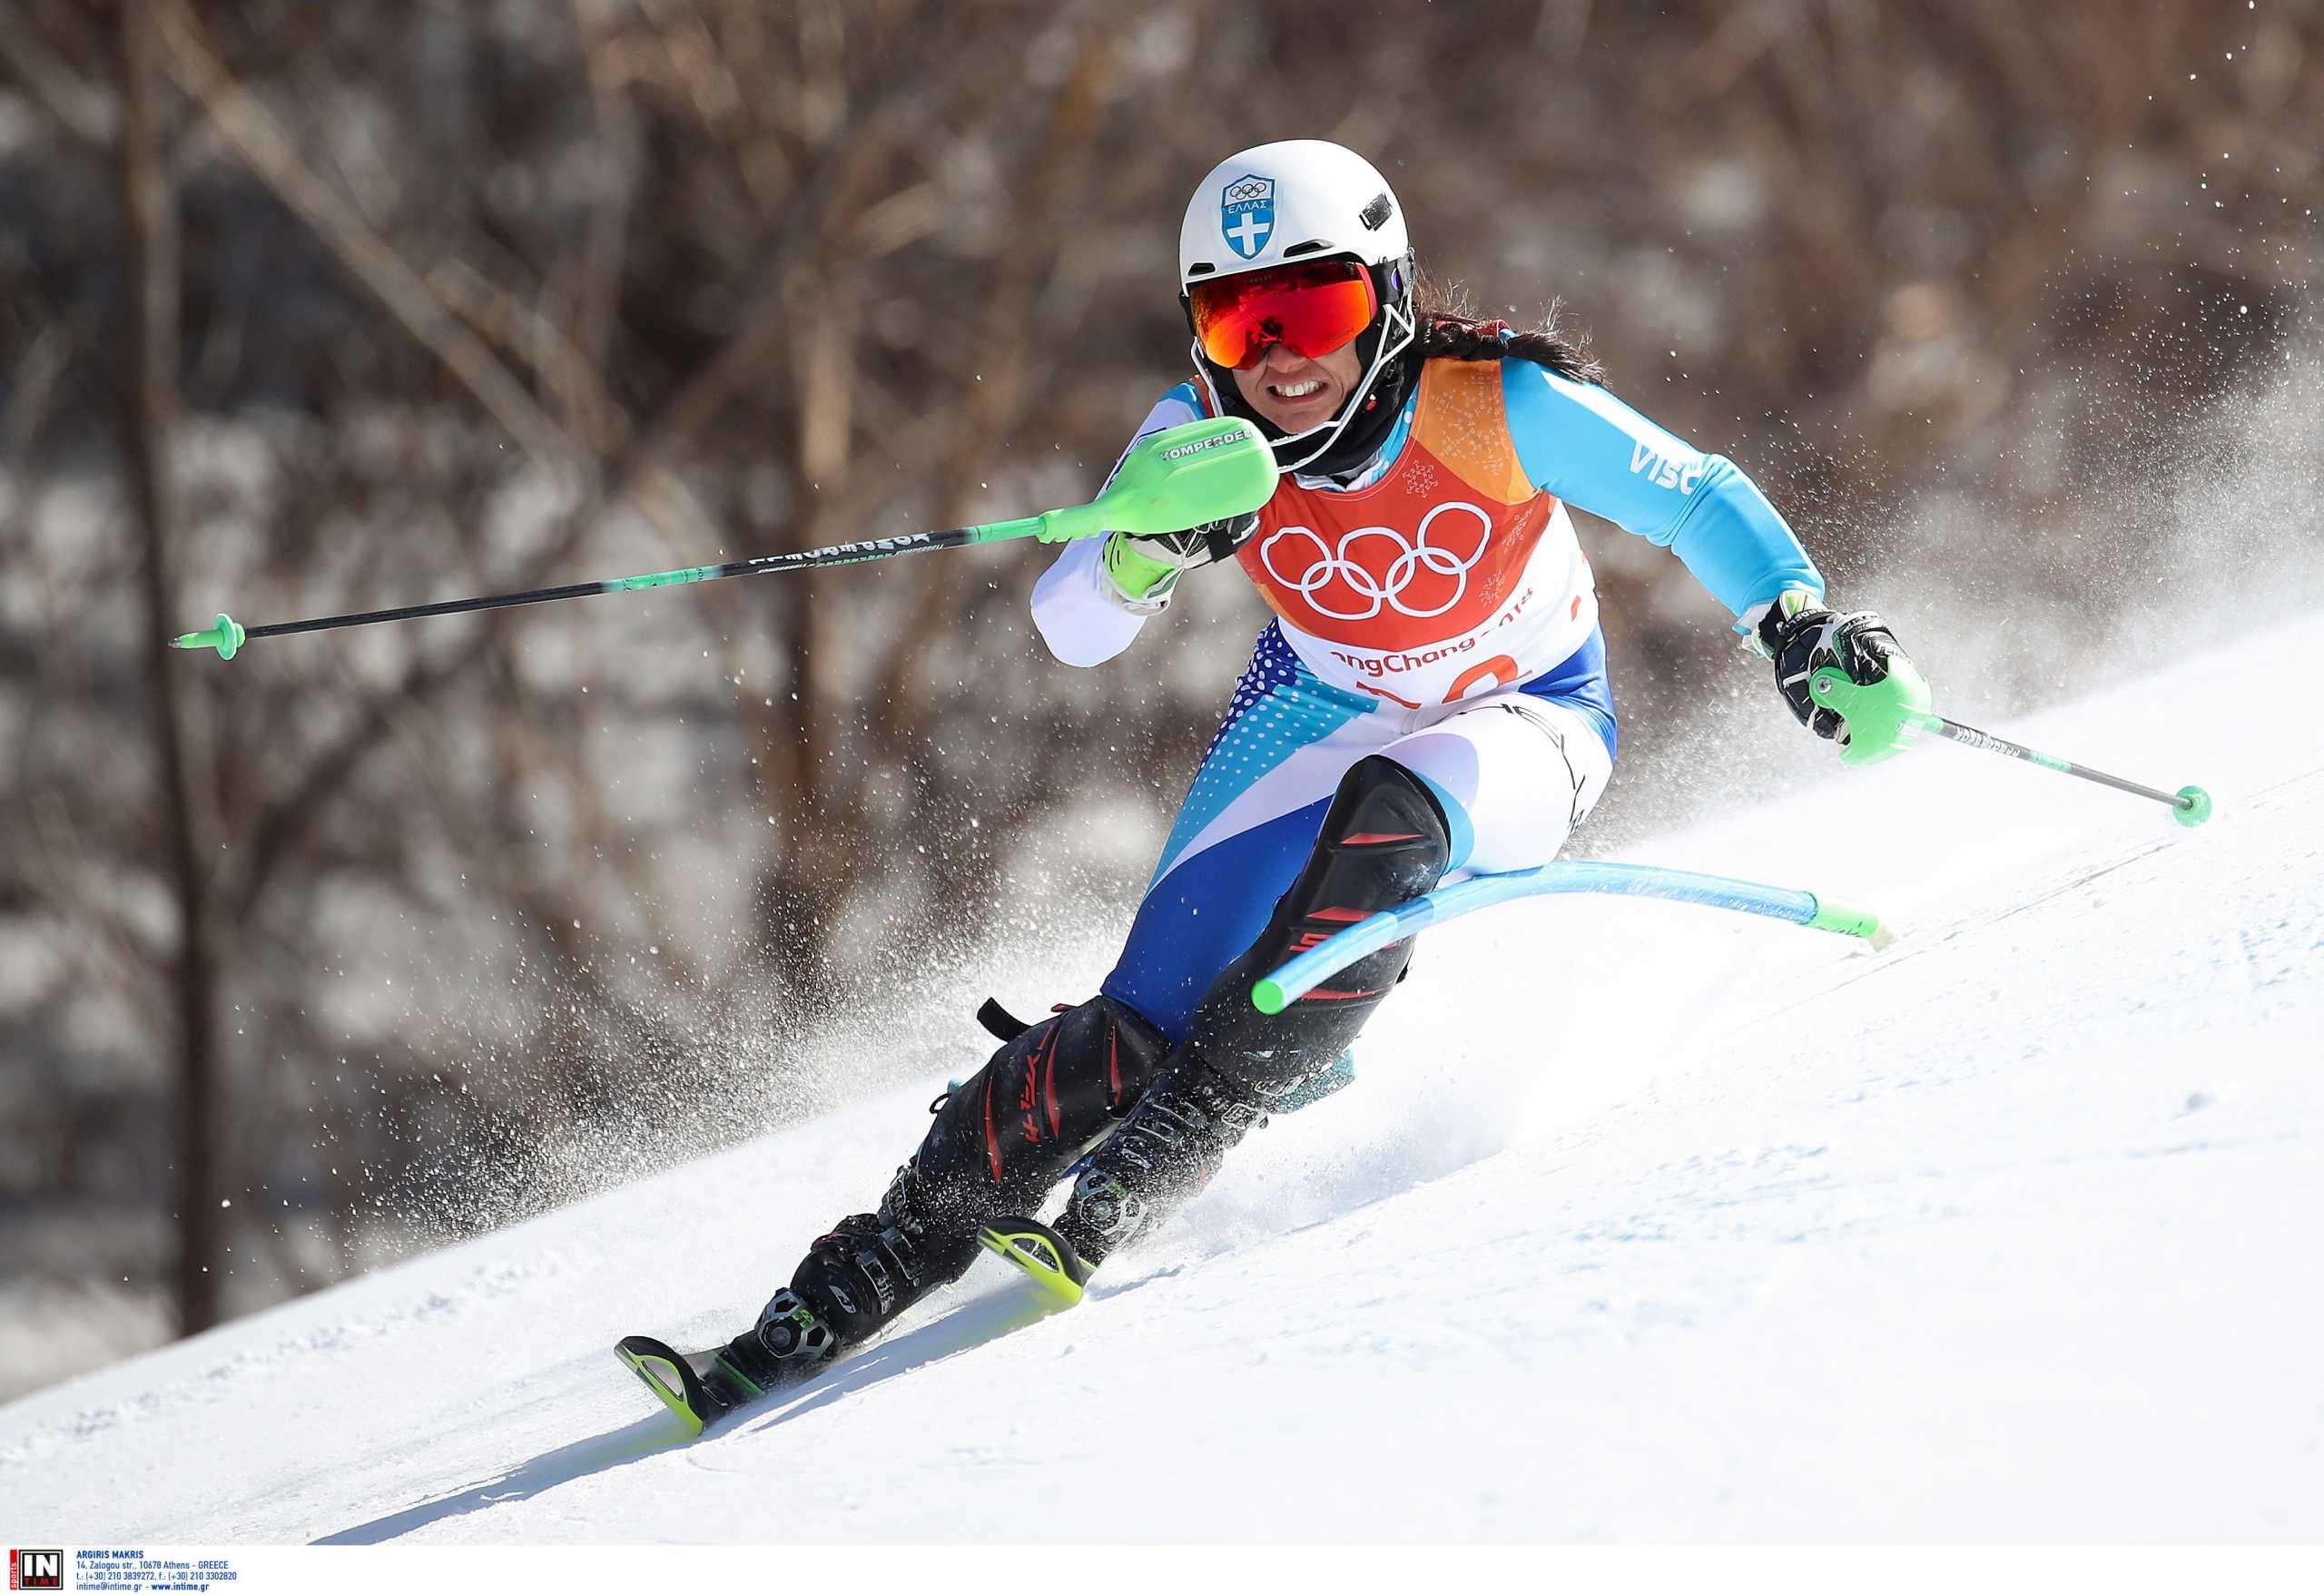 Ανοίγει το χιονοδρομικό κέντρο Βασιλίτσας για να προπονηθεί η Εθνική ομάδα